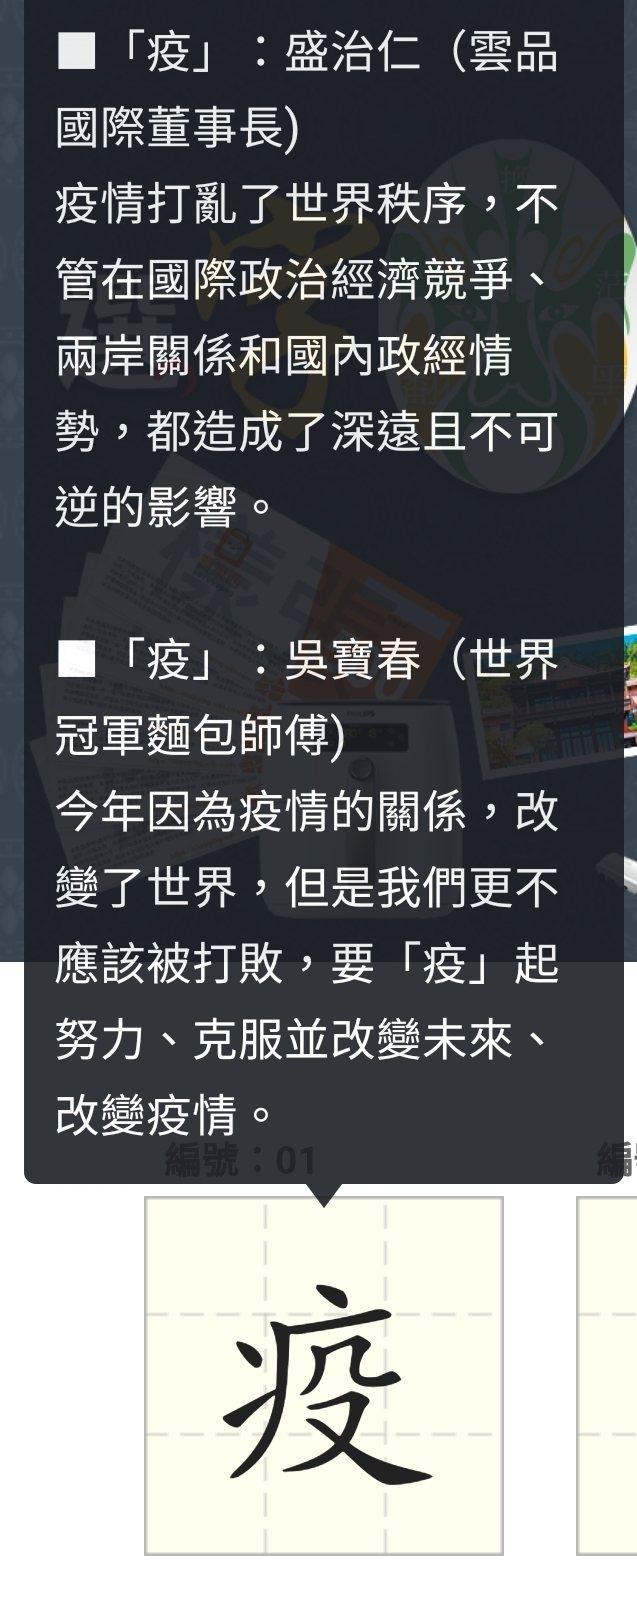 台灣2020代表字是「疫」。圖片取自年度代表字官方網站